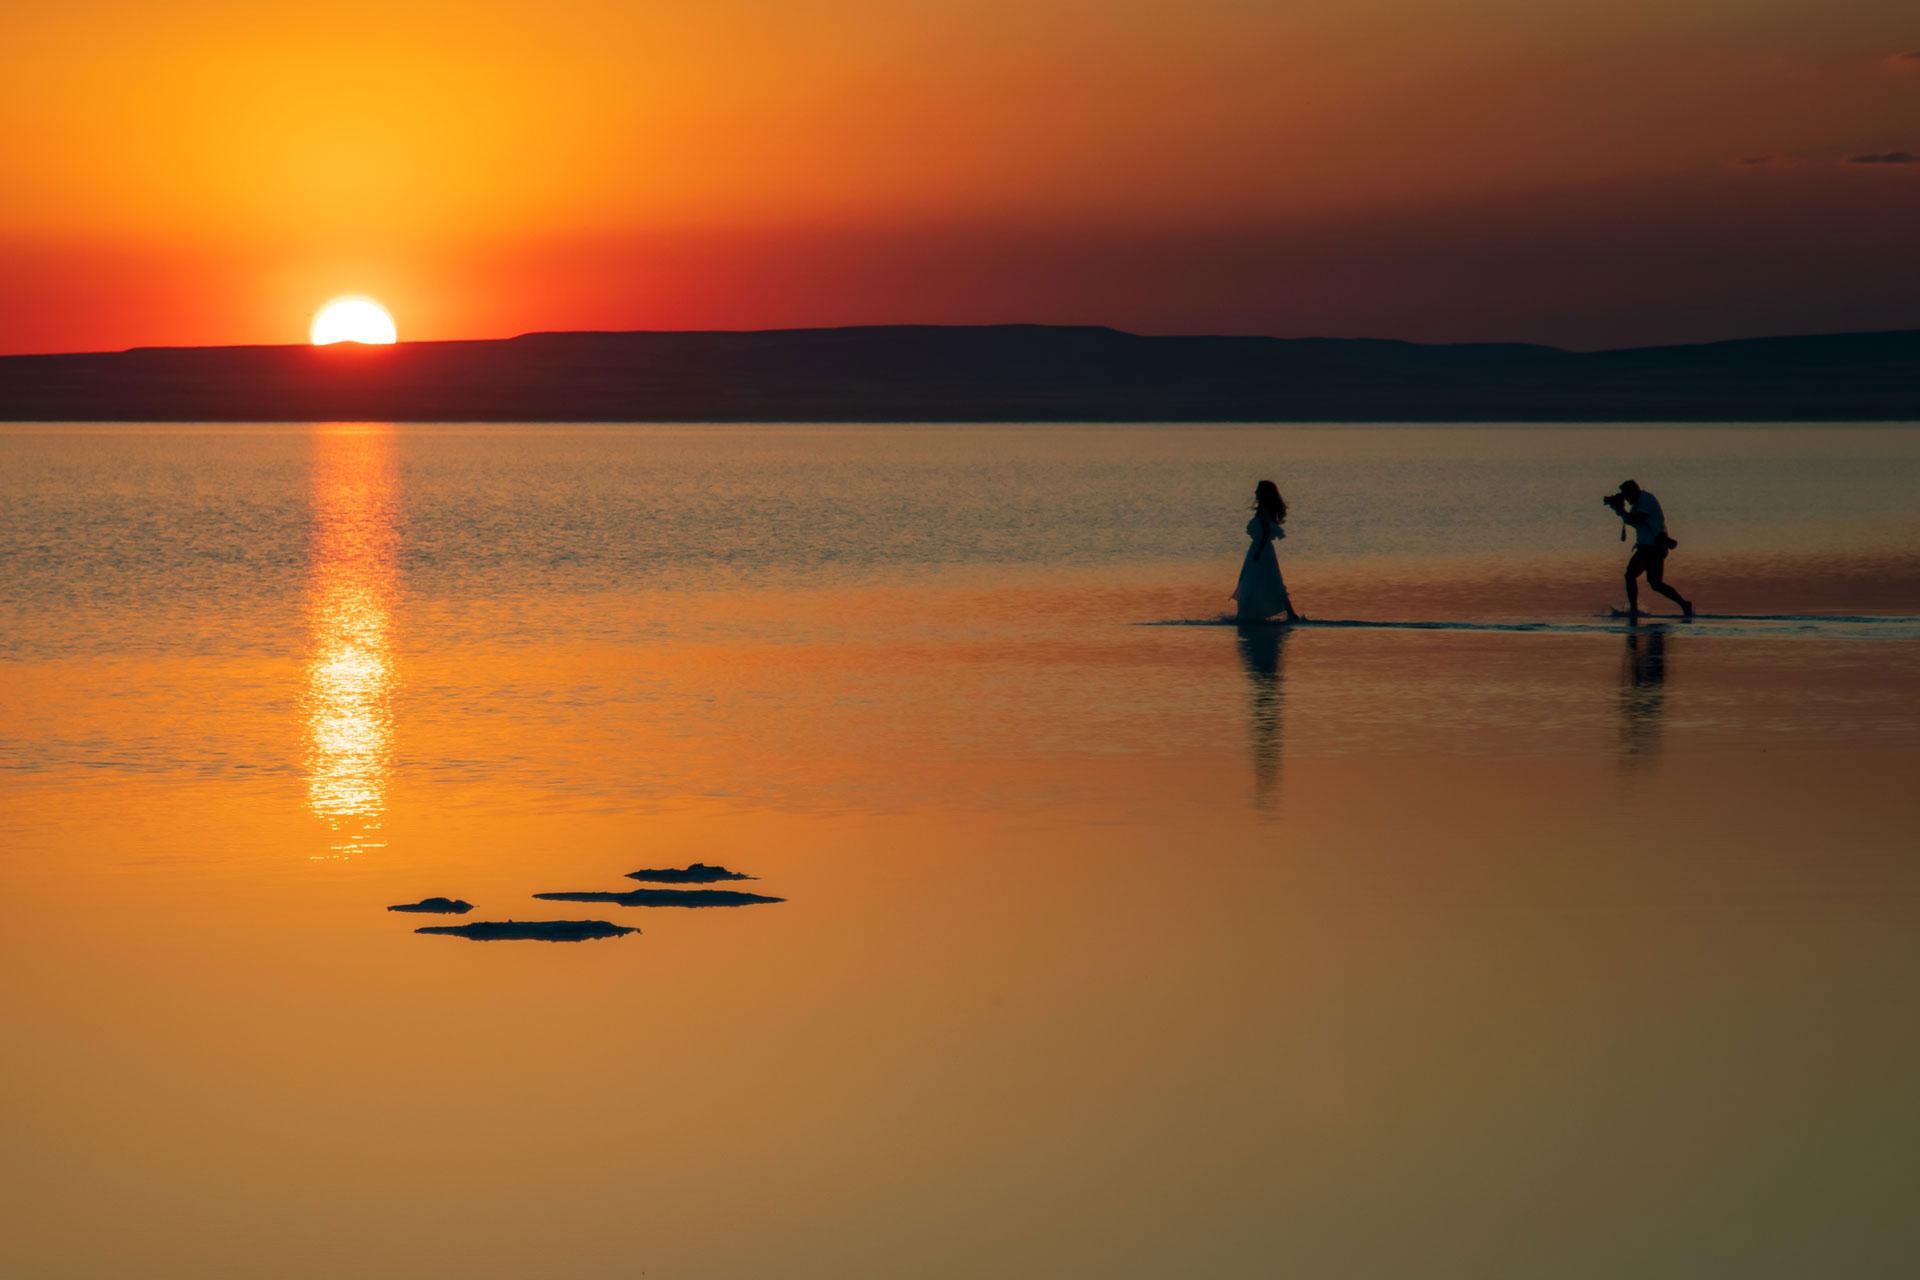 Tuz Gölü Fotoğrafları Tuz gölü resimleri Sunset Gün batımı kaçan gelin ve kovalayan fotoğrafçı Çekergezer Hakan Aydın Fotoğrafları Tuz Gölü görselleri